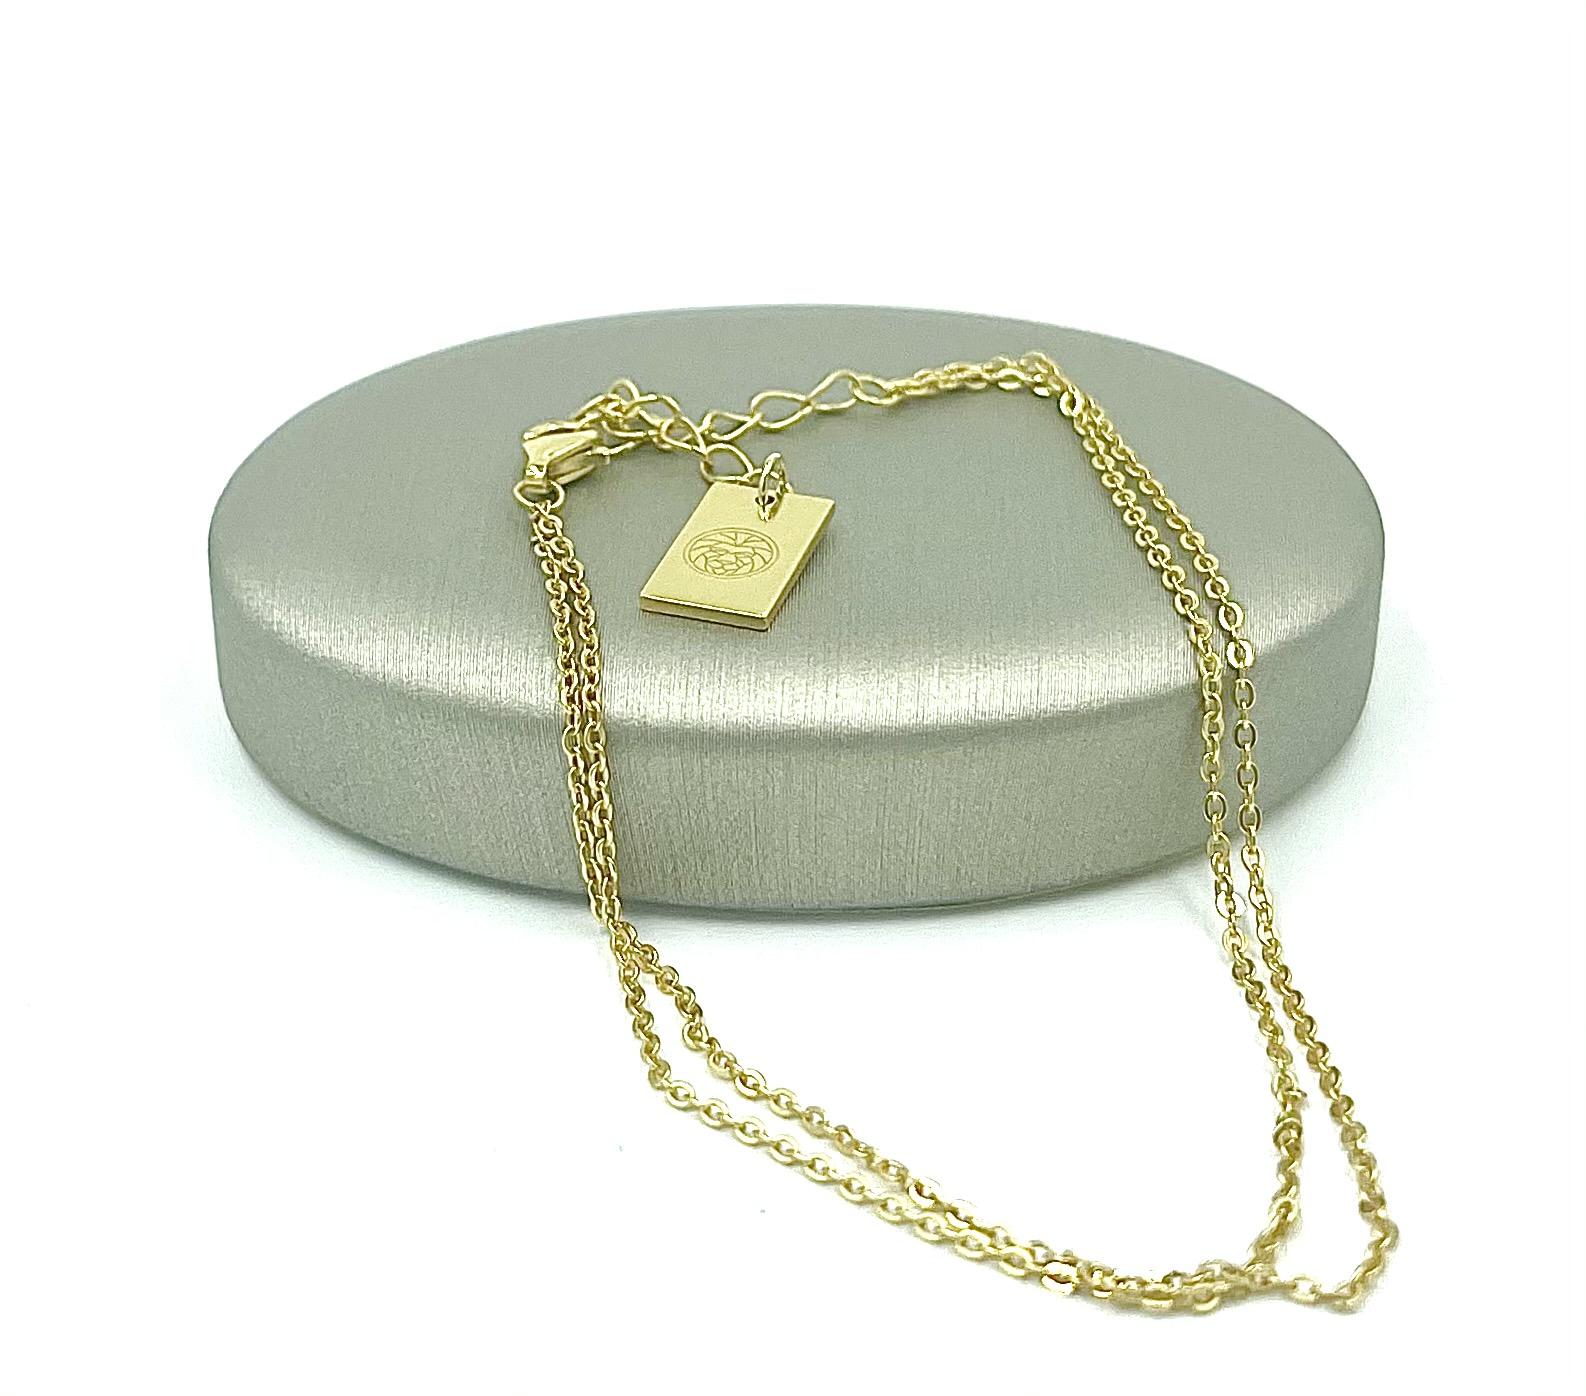 J .lionthelabel-Soleil bracelet gold-004